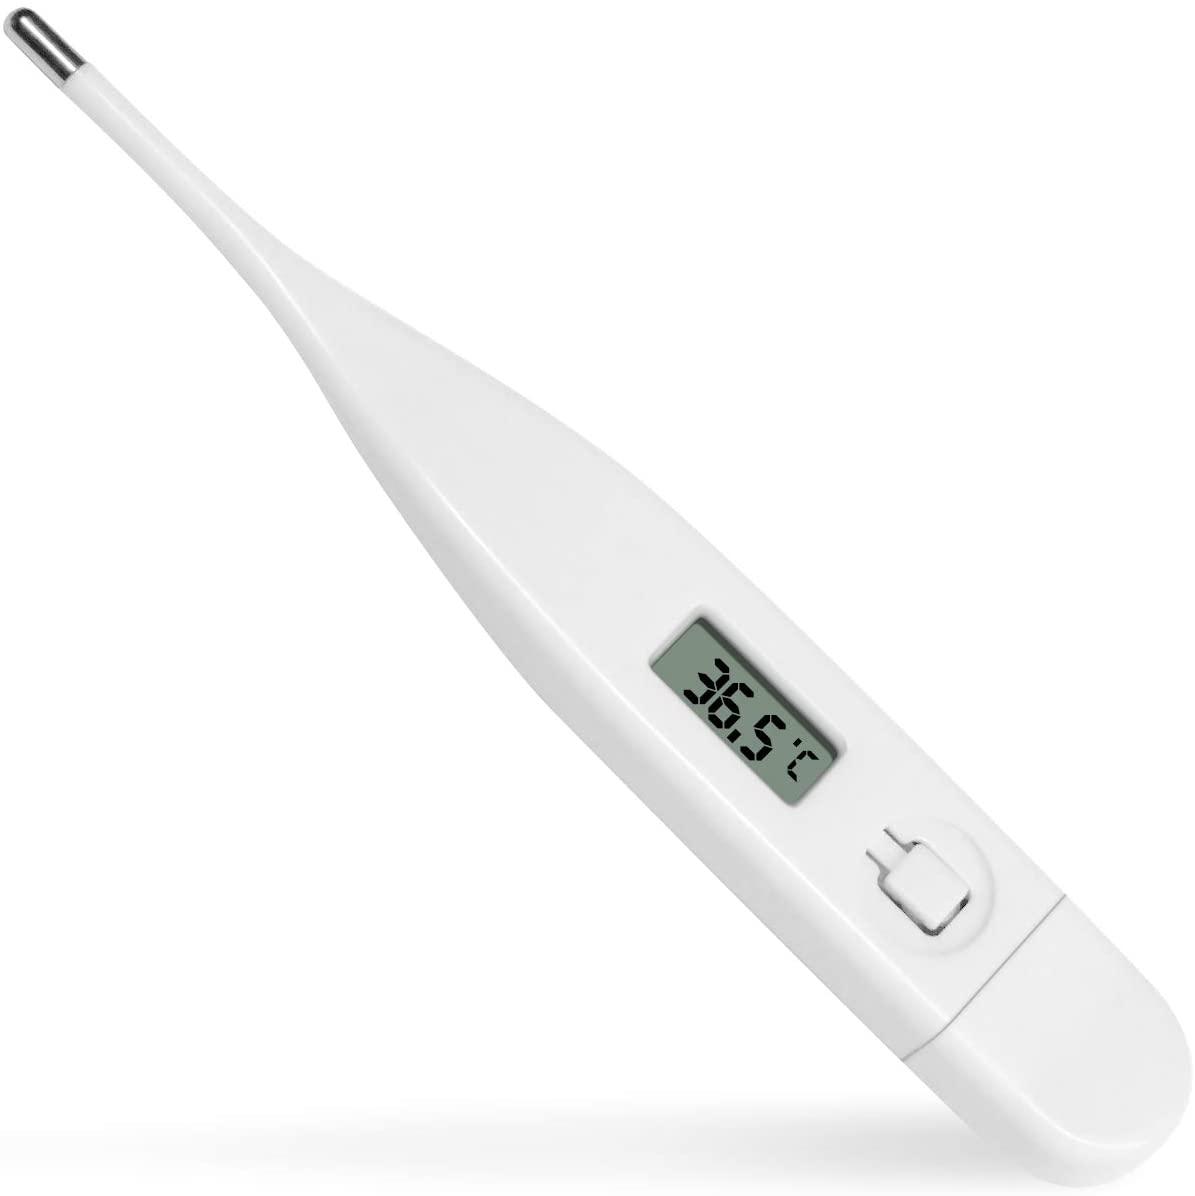 Termômetro digital lcd oral para crianças/adultos, sonda de metal macio, medição segura e rápida, leituras em 10-20 seco [4]